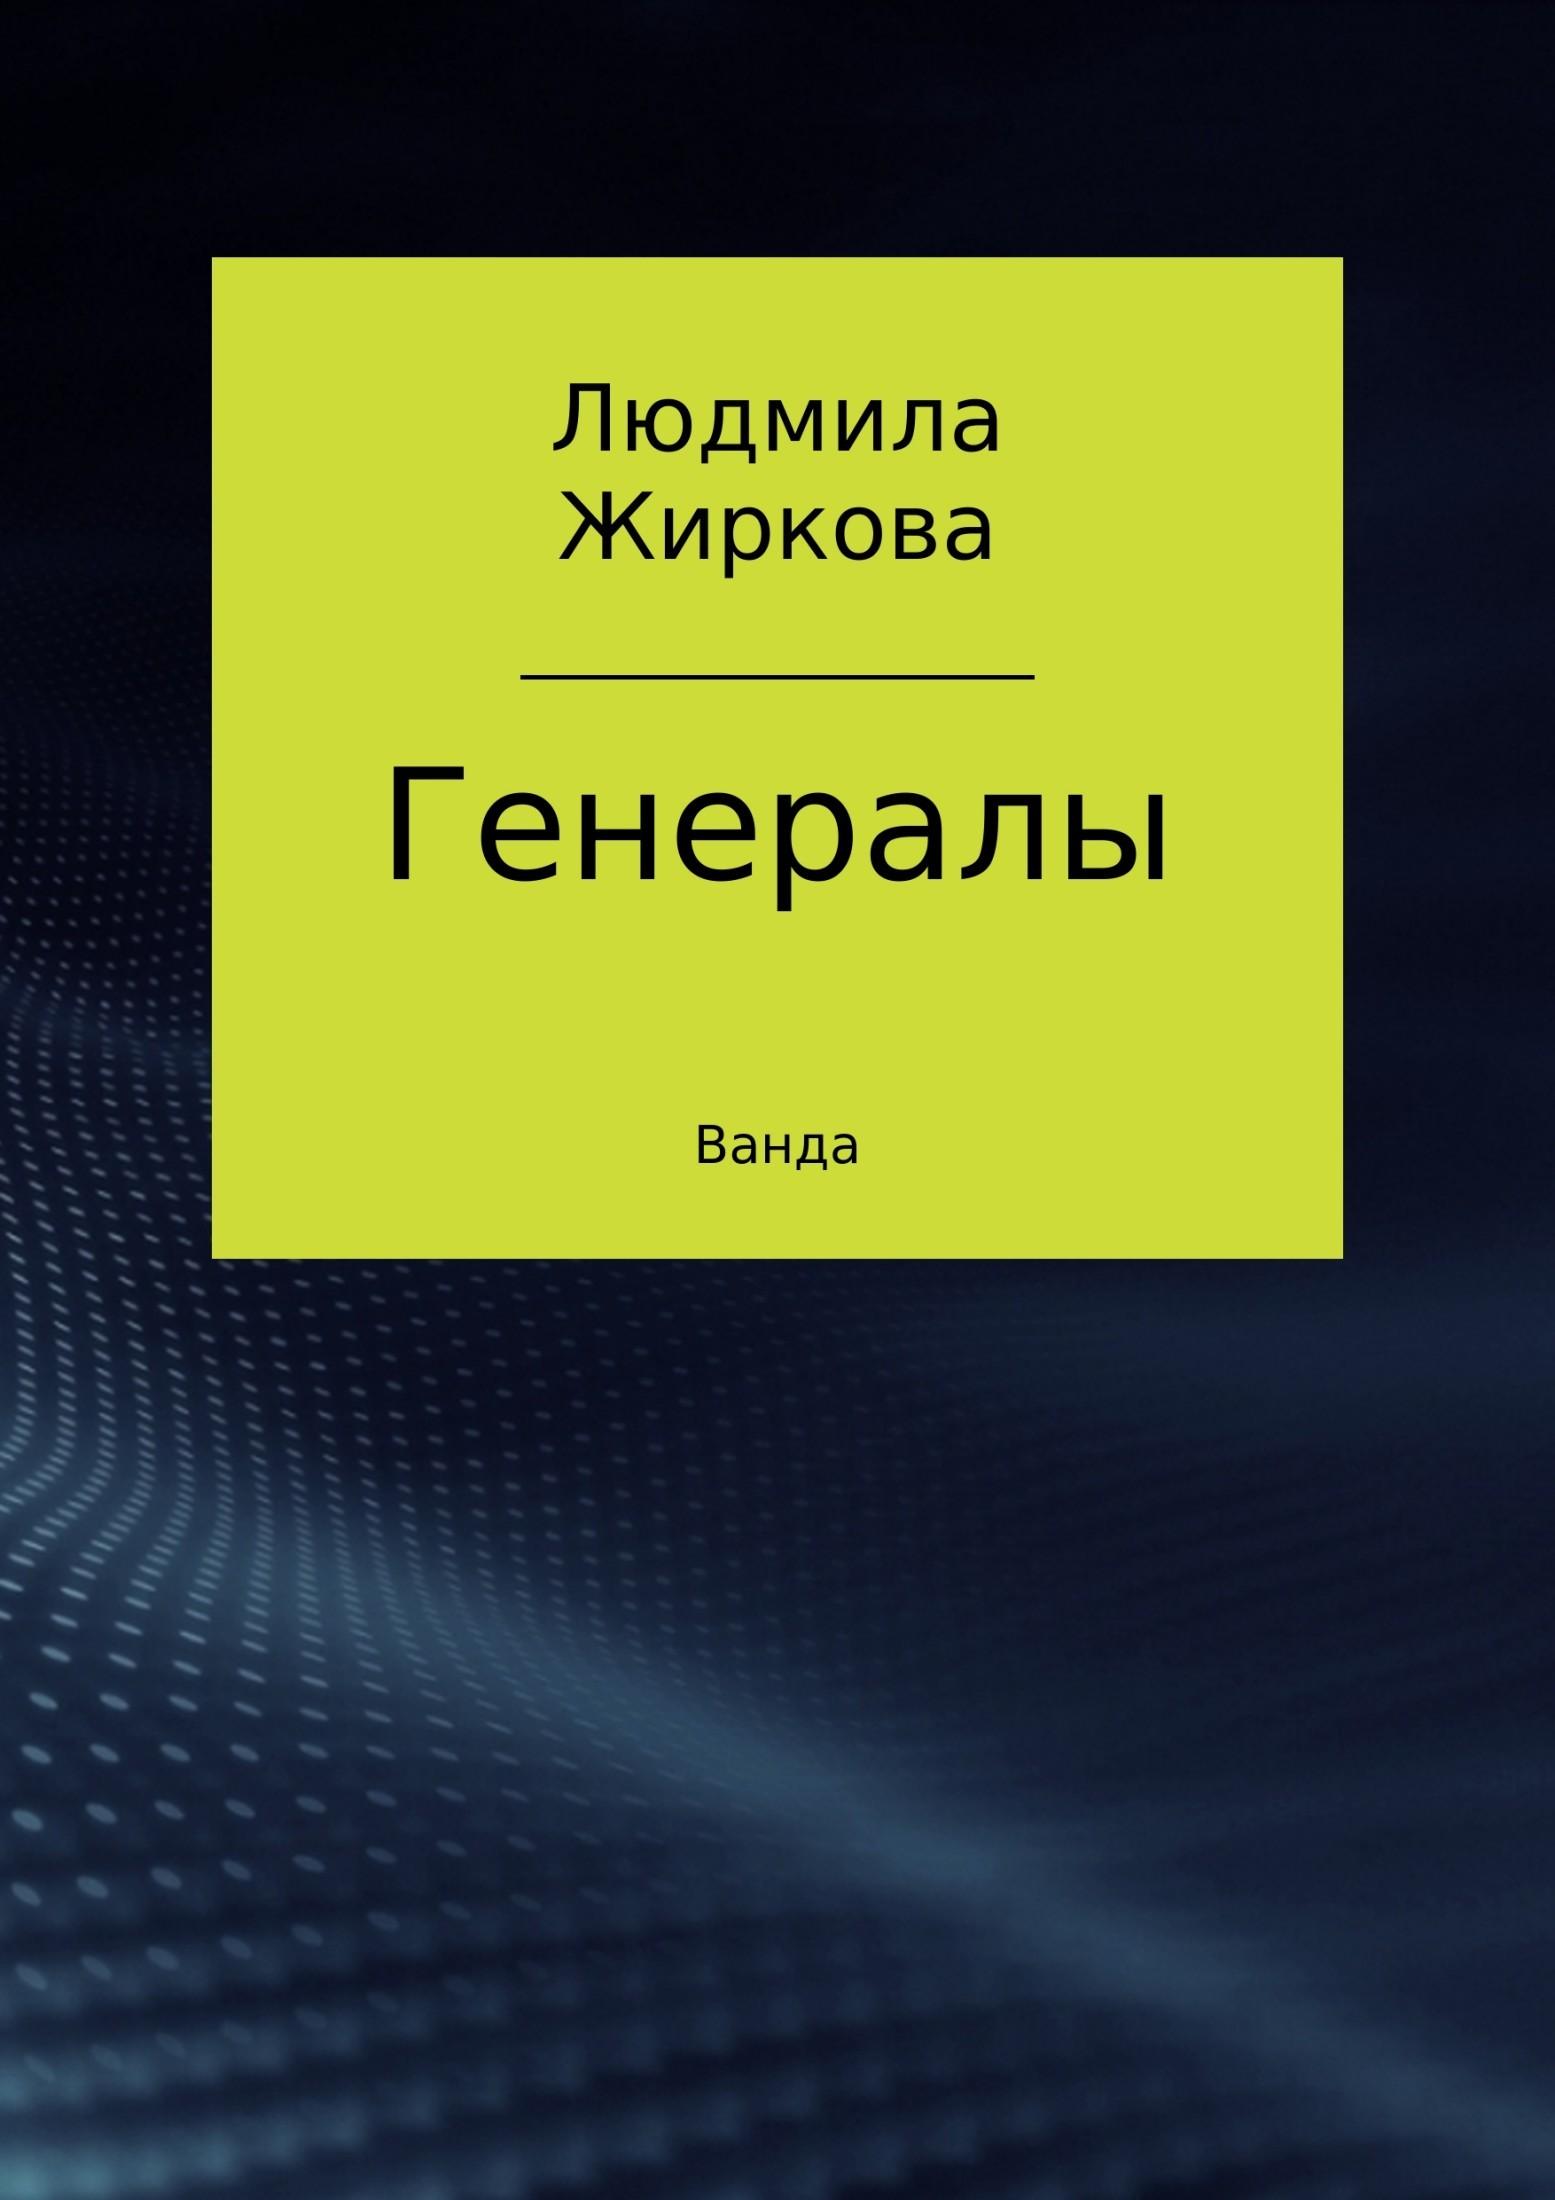 Людмила Ростиславовна Жиркова. Генералы